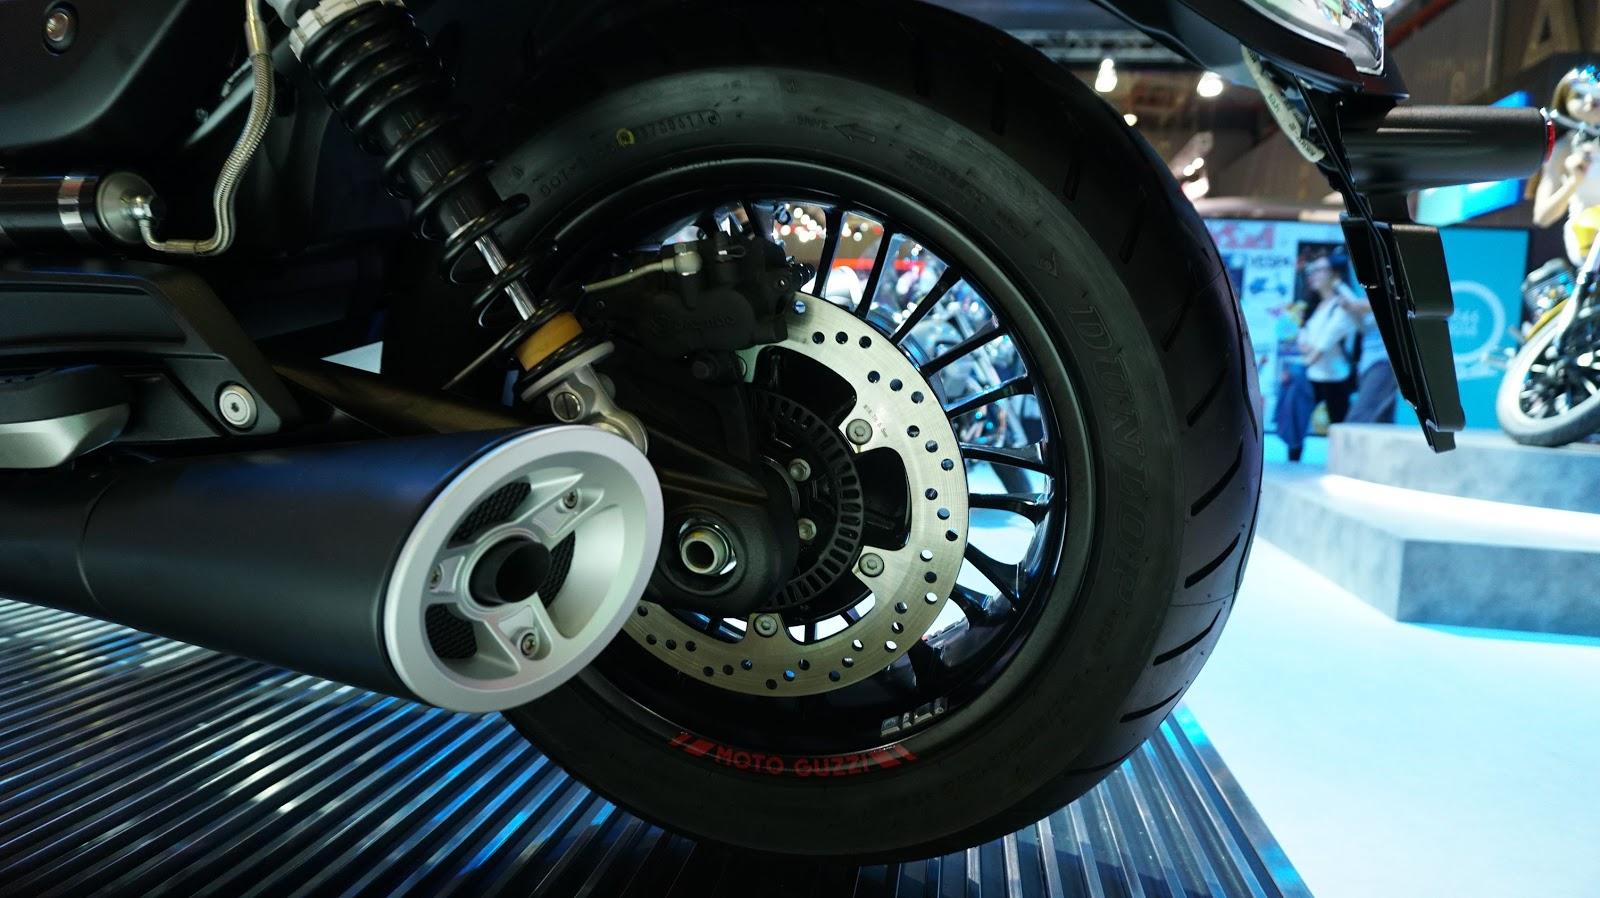 Bánh sau một phanh đĩa ABS, hai ống xả siêu nhẹ, tinh tế, kéo dài suốt thân xe, vành xe chắc chắn